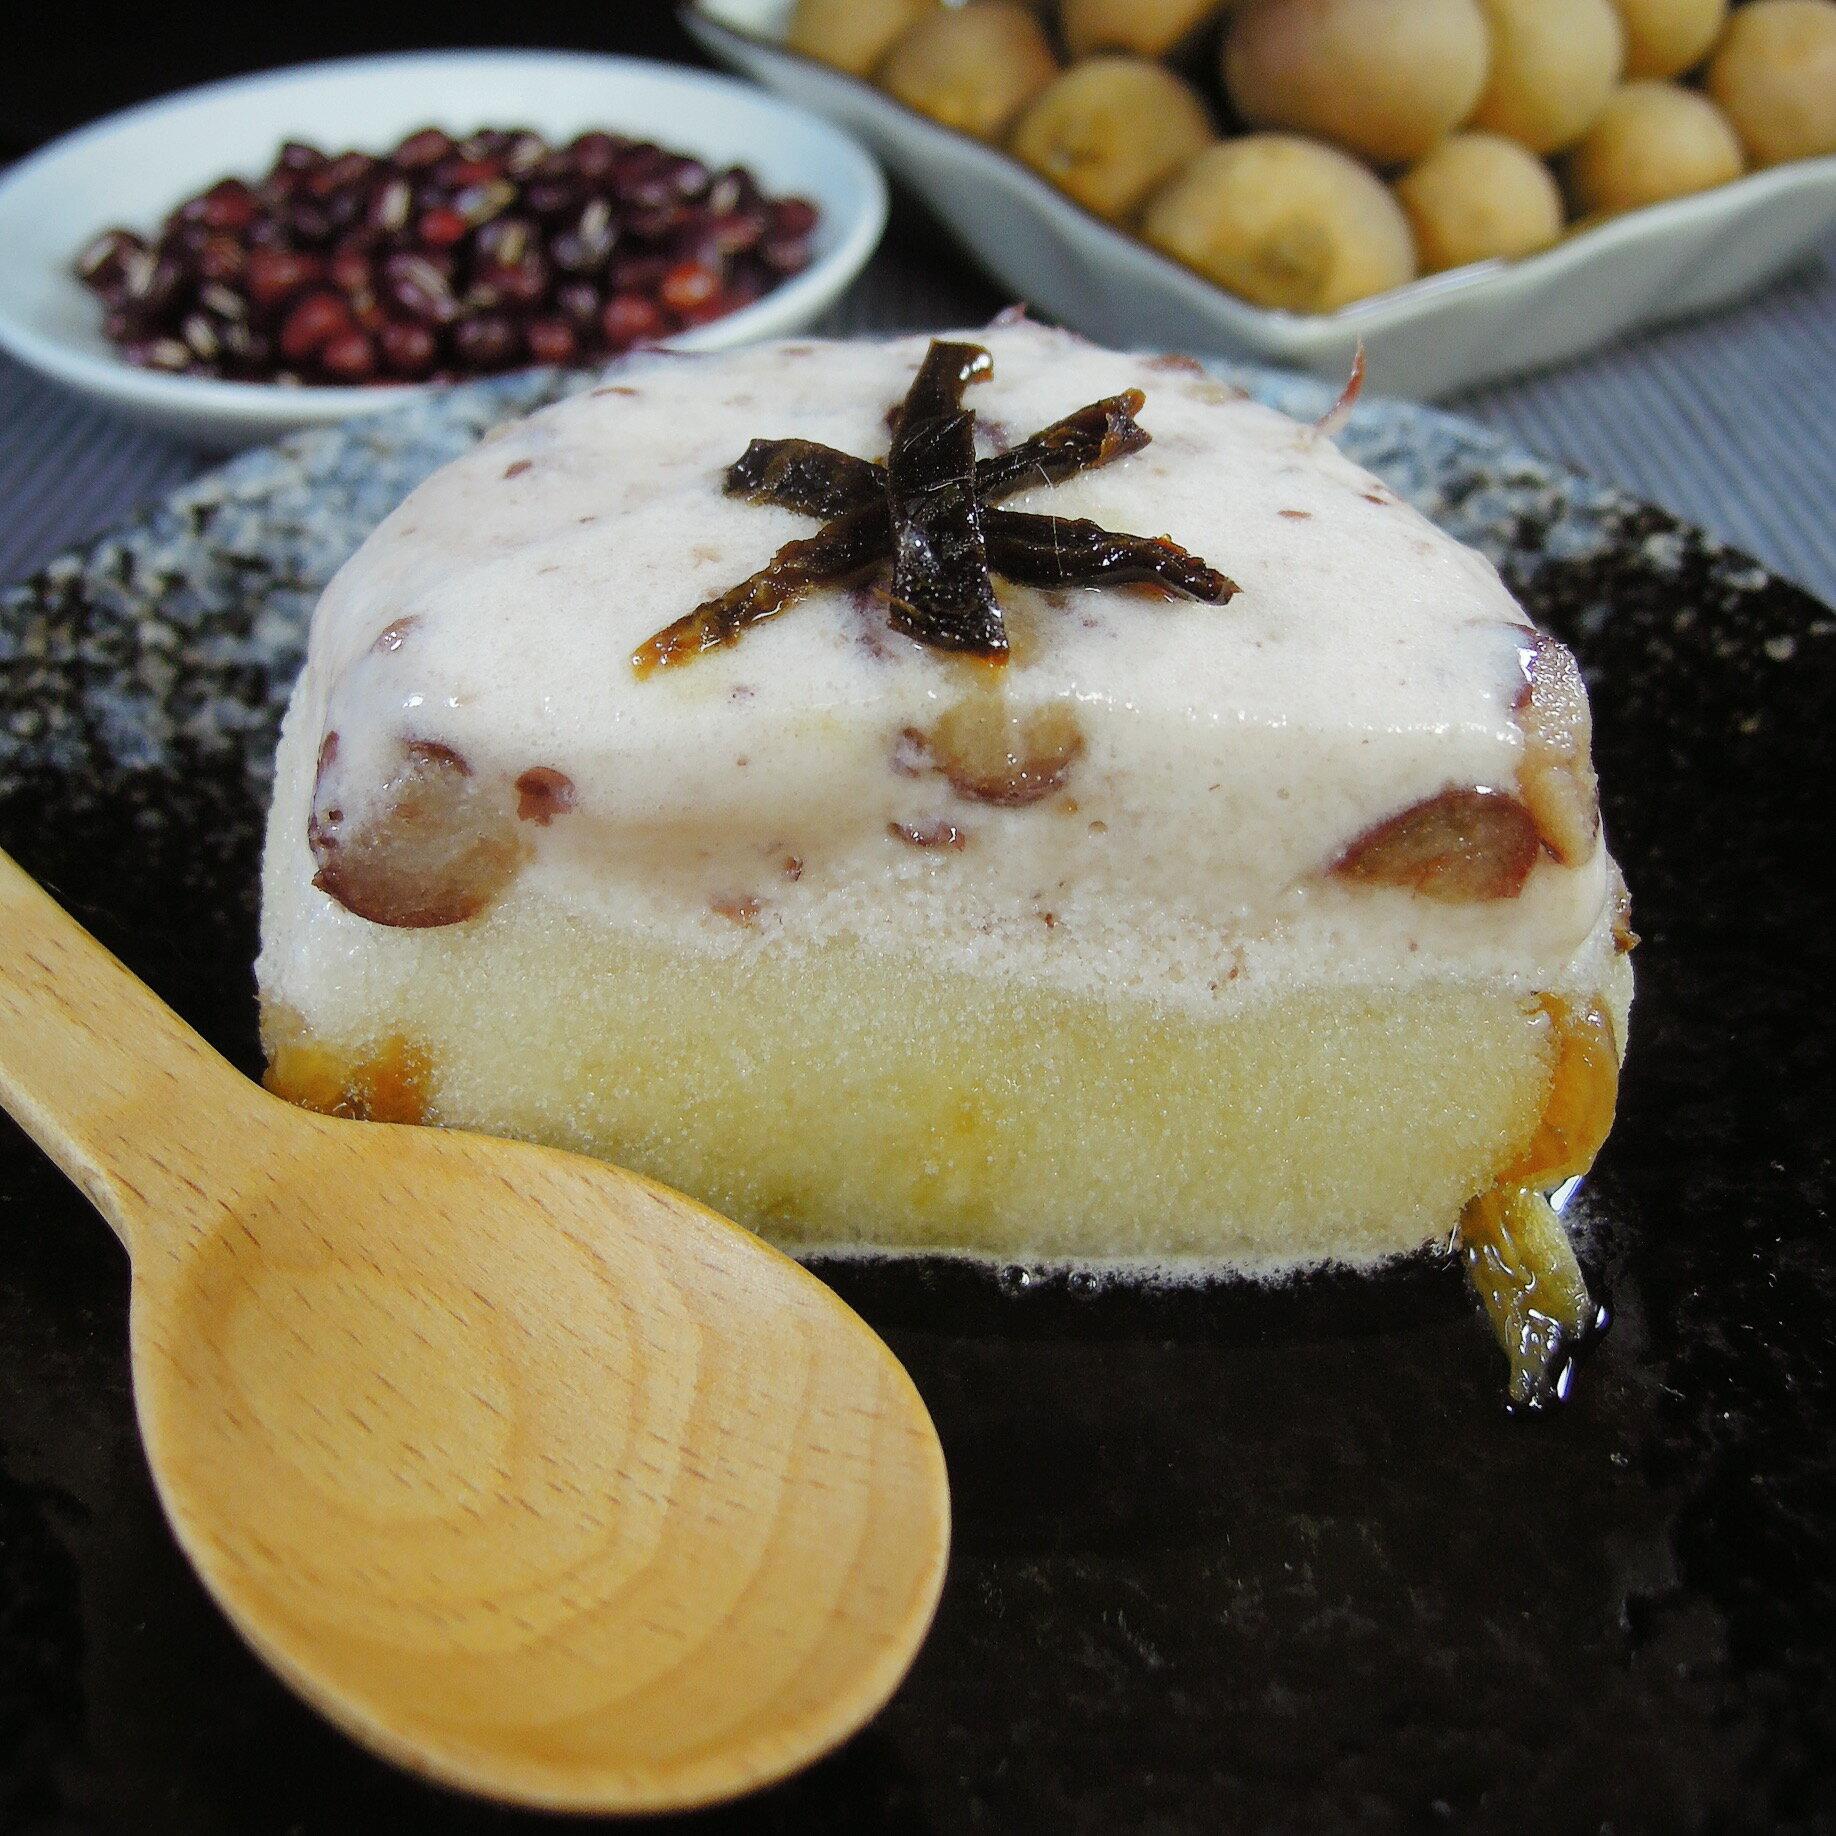 【巷仔內手作冰品,給最內行的你】紅豆桂圓口味霜層冰淇淋,紅豆冰淇淋+桂圓霜160ml